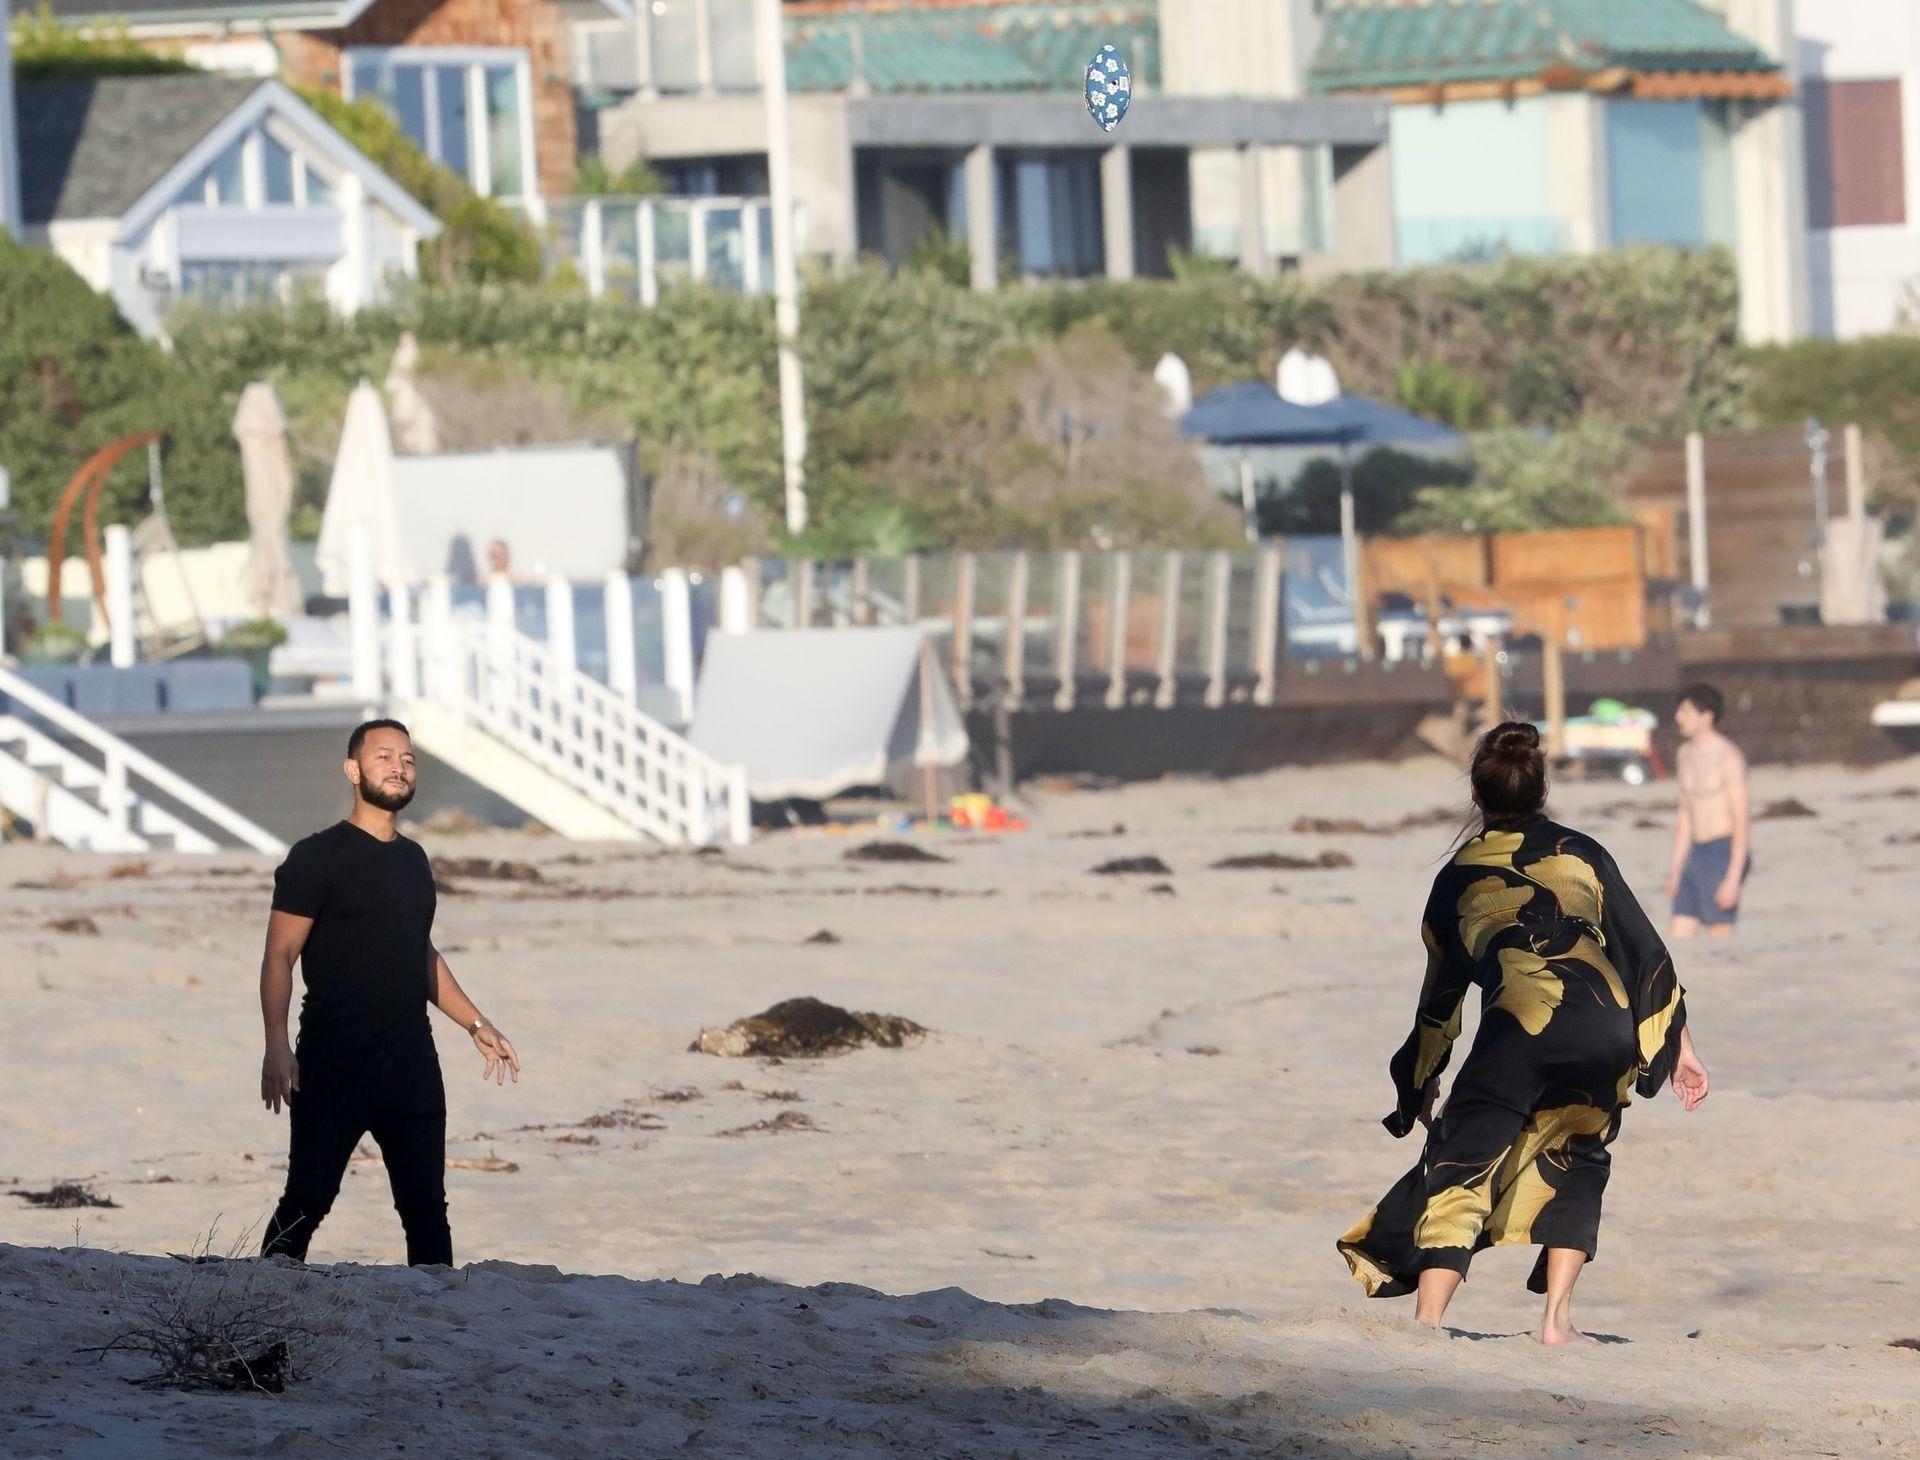 Chrissy Teigen Enjoys A Beach Day In Malibu Amid All Coronavirus Chaos 0031